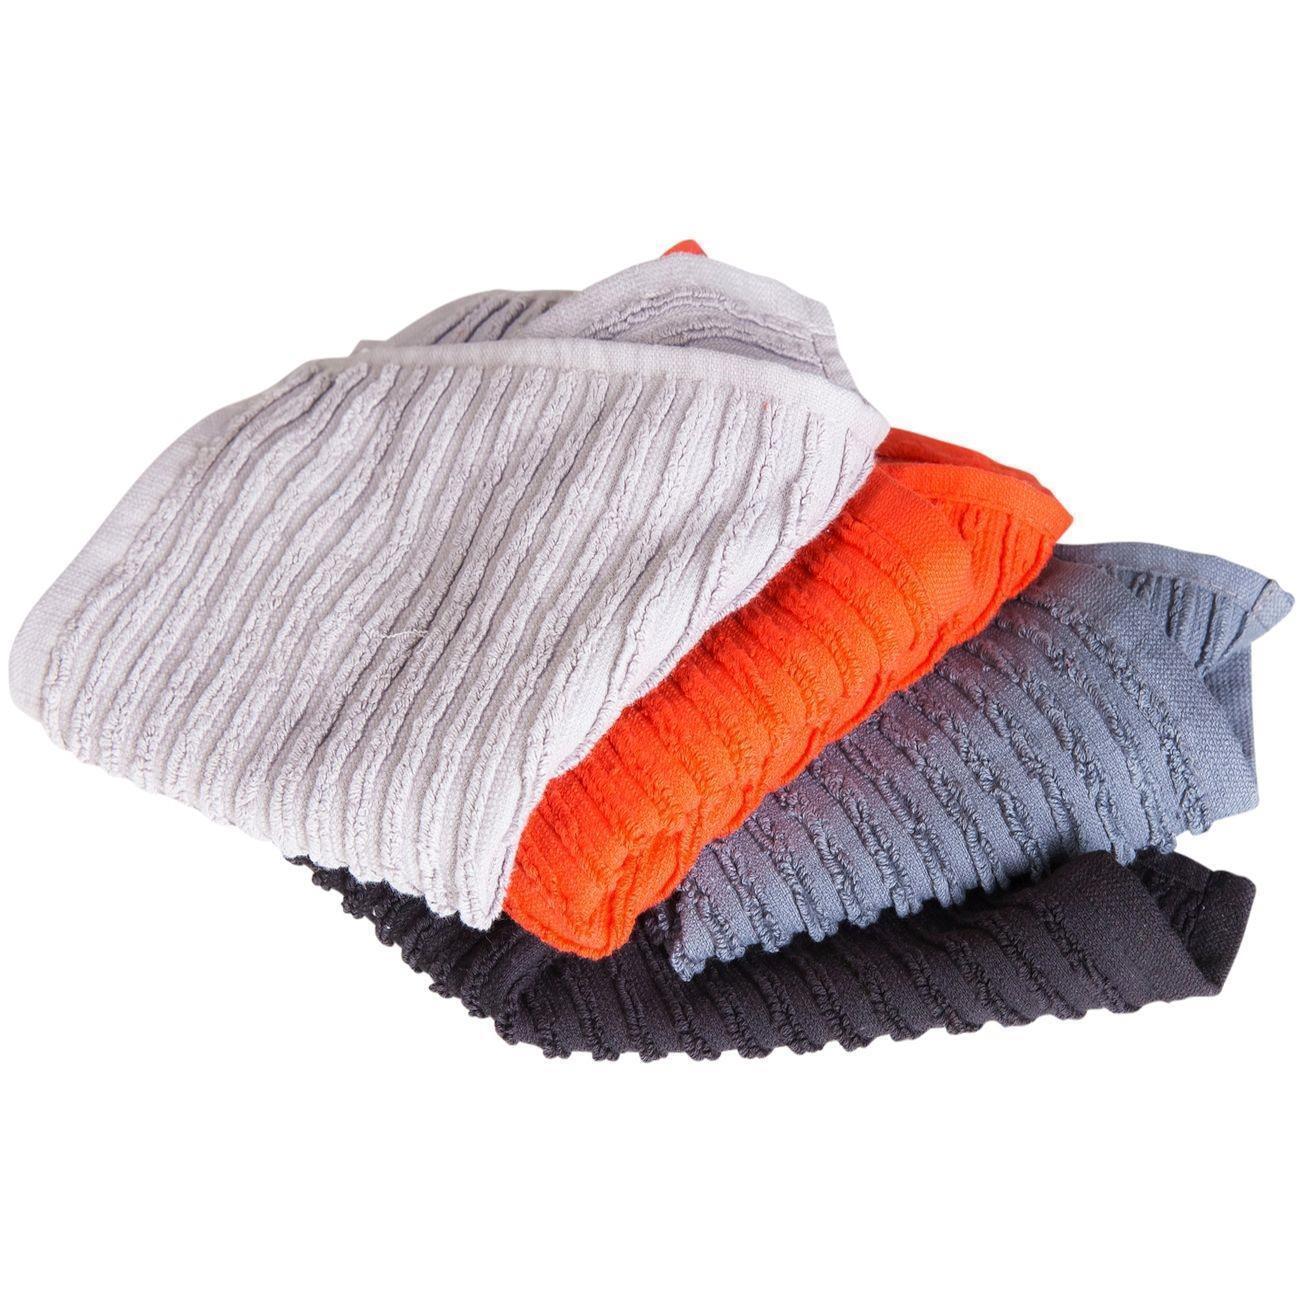 4 x Spültuch Spültücher Küchentuch Küchentücher 100/% Baumwolle Küche Putzen